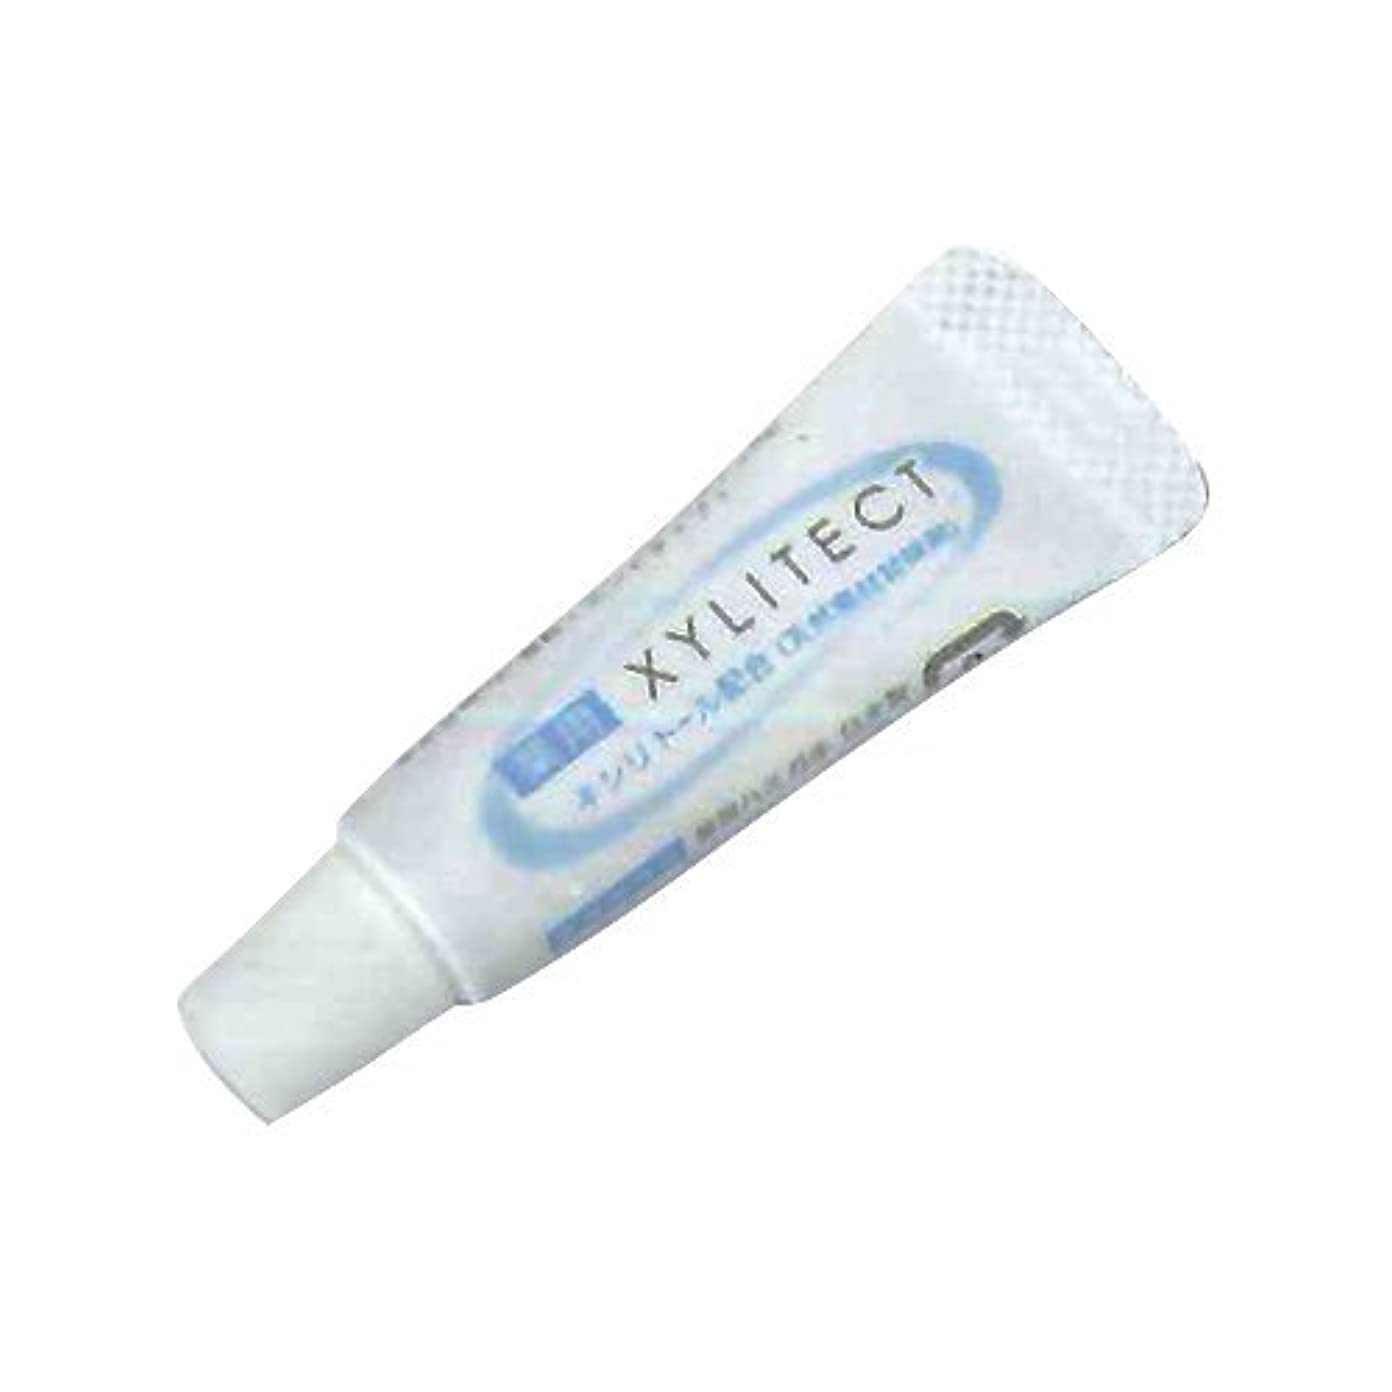 スズメバチ救出コンバーチブル業務用歯磨き粉 薬用キシリテクト (XYLITECT) 4.5g ×30個セット (個包装タイプ) | ホテルアメニティ ハミガキ toothpaste